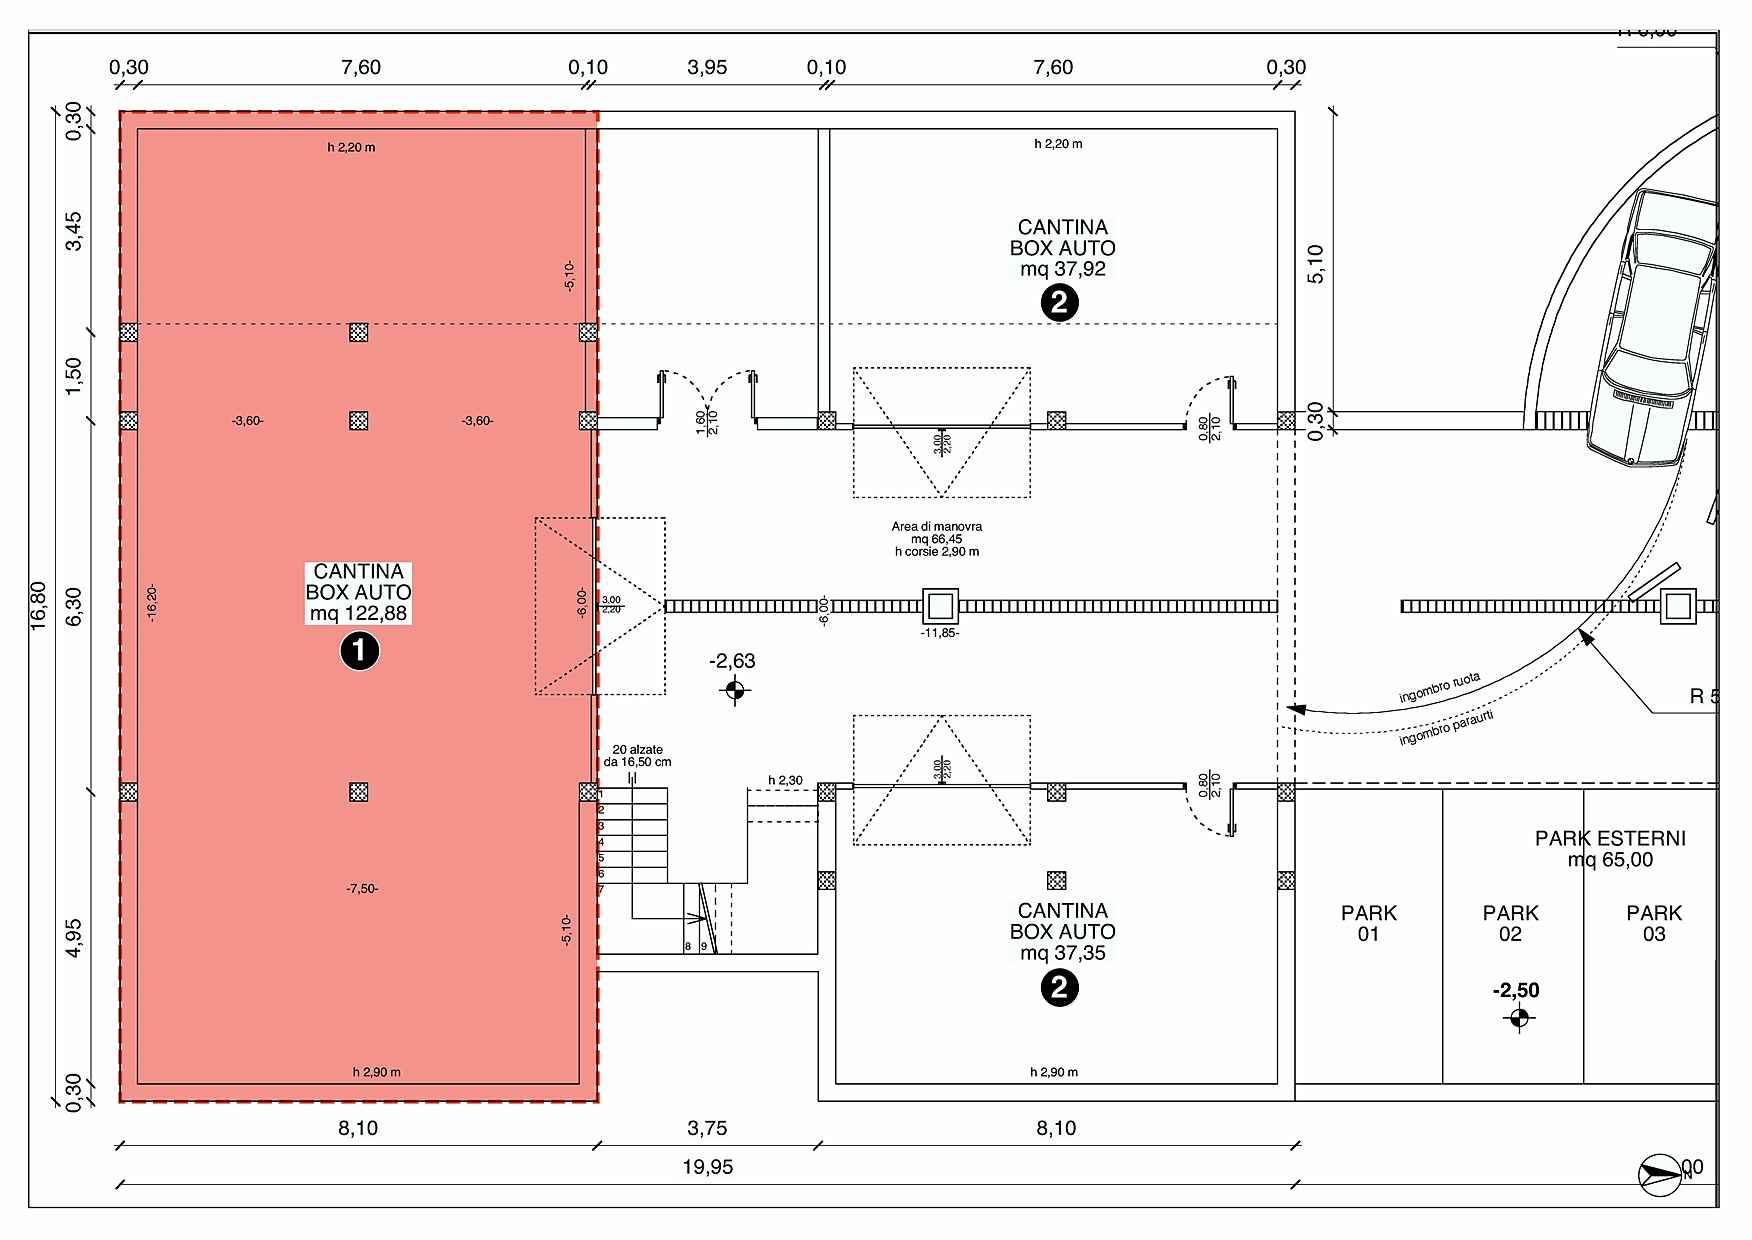 Villetta a schiera casa 1 rigatelli costruzioni for Casa a 1 piano